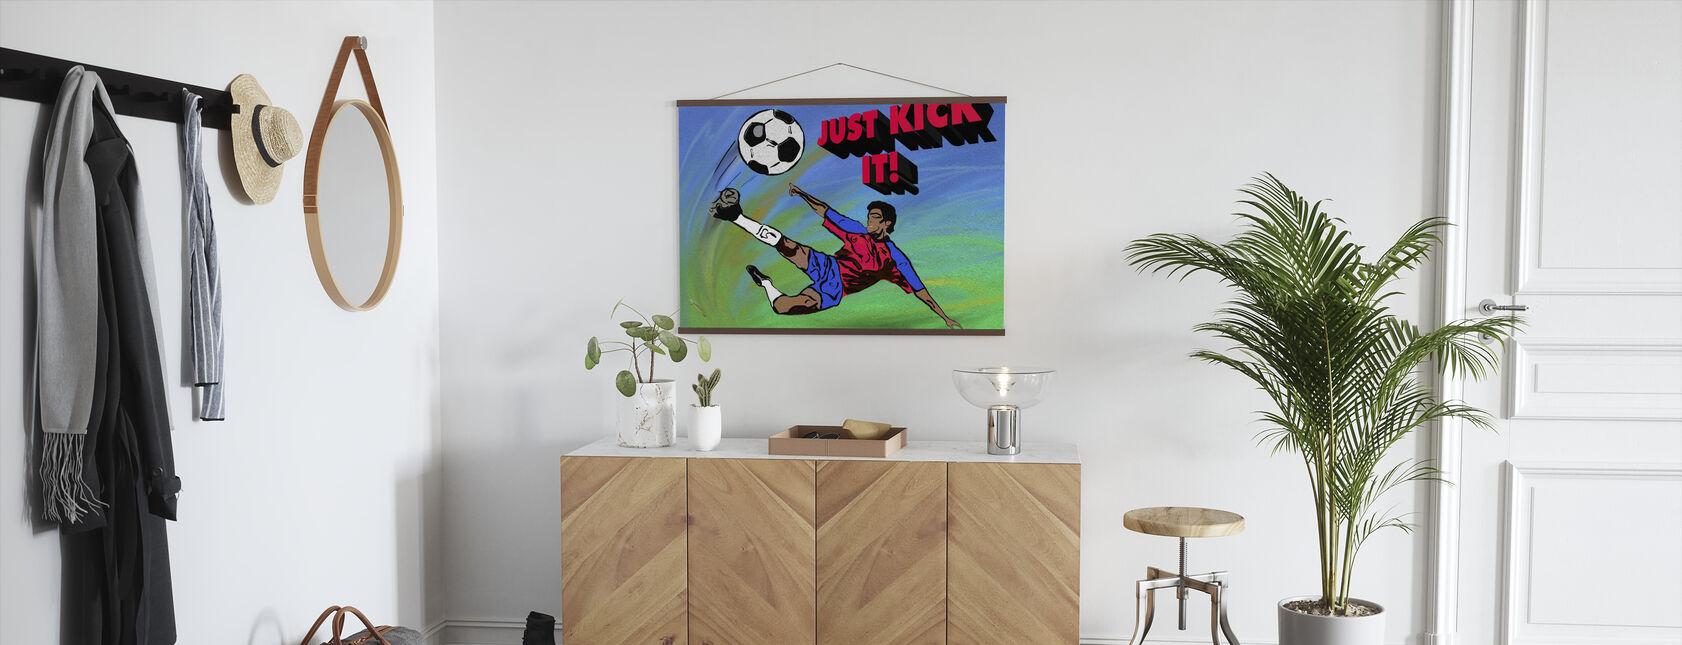 Just Kick It - Poster - Hallway